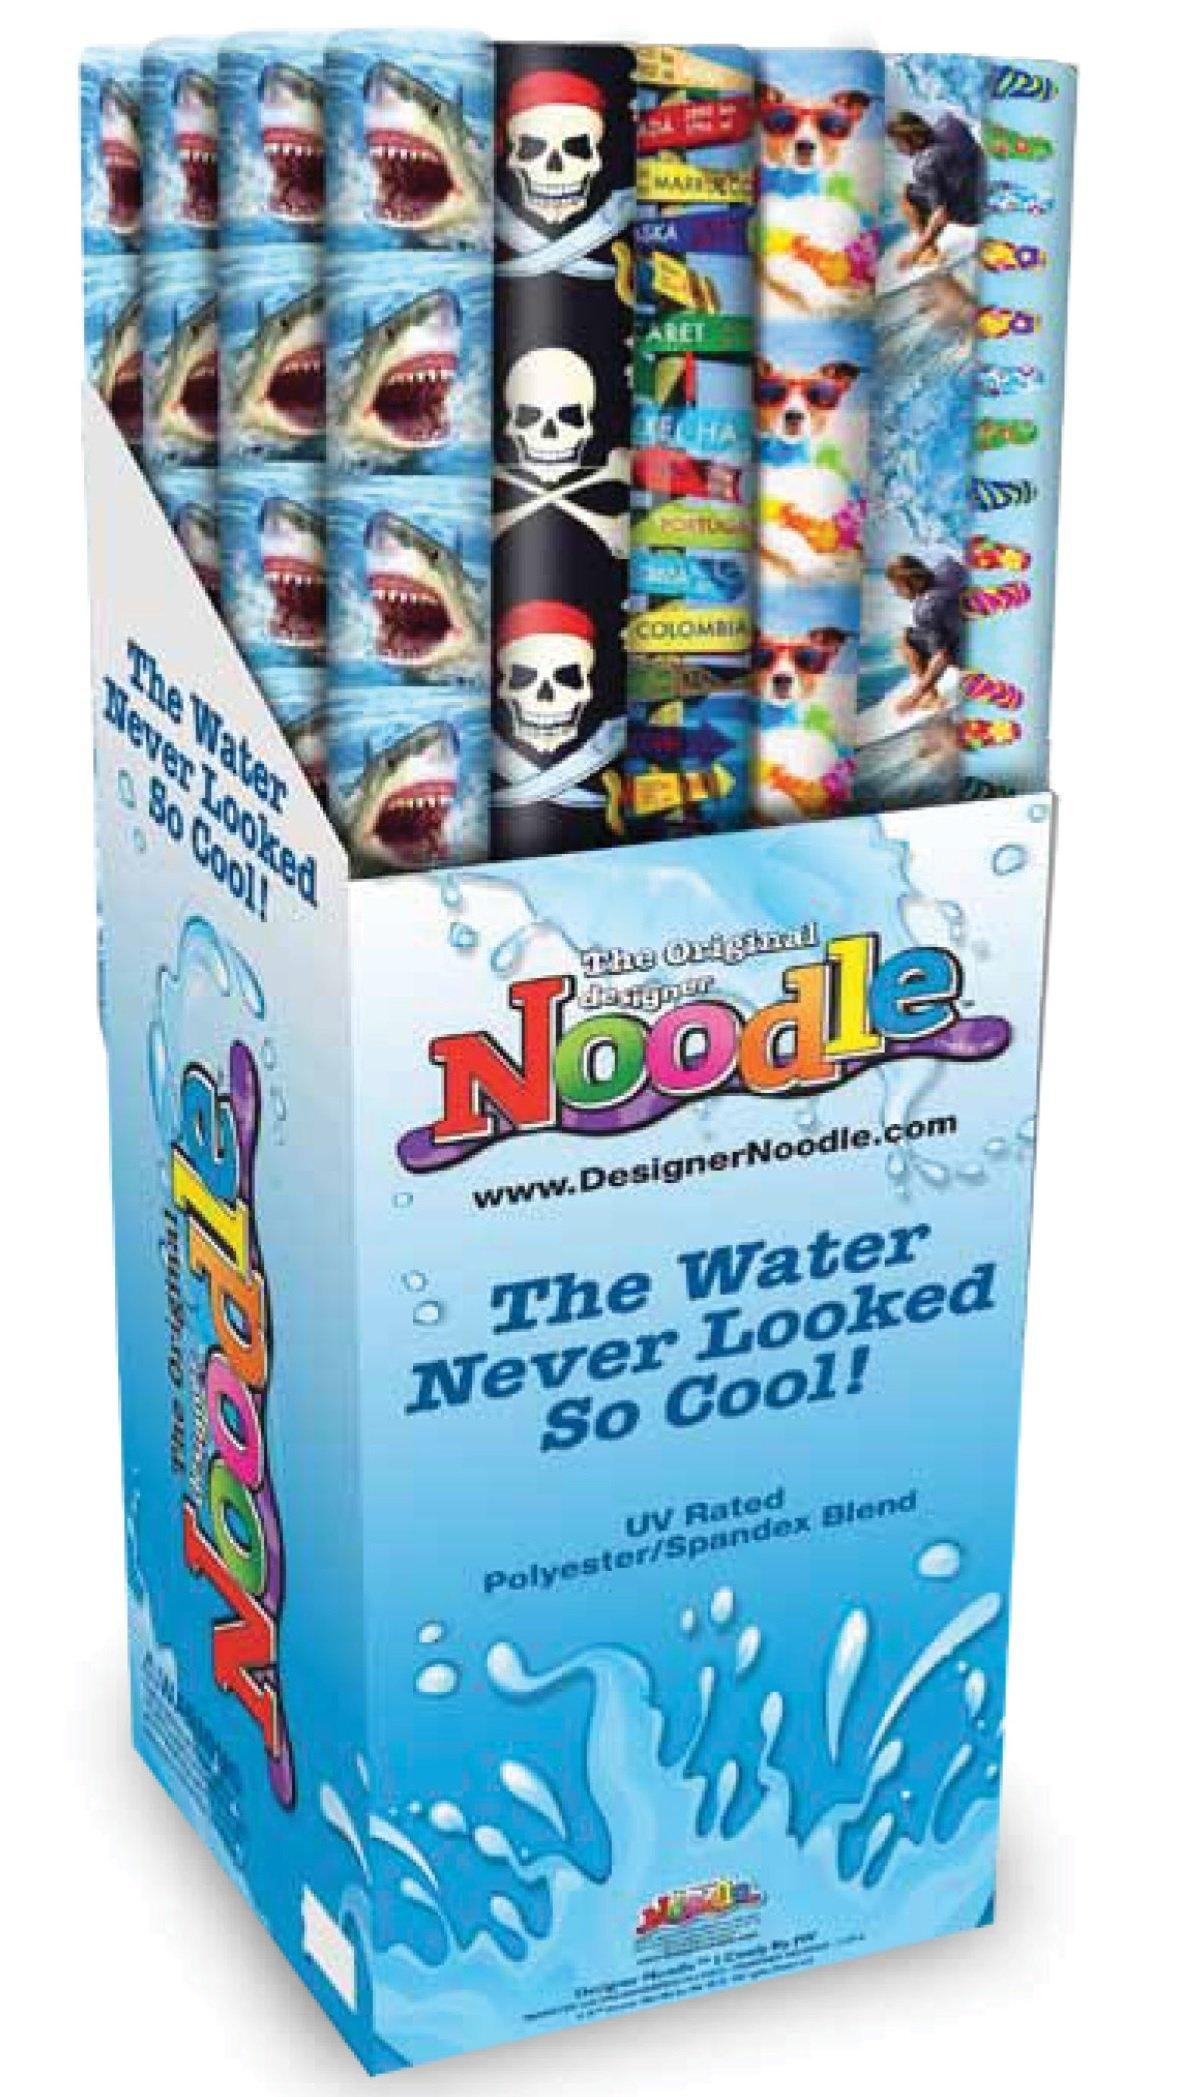 Designer Noodle 310 Beach Box 36 Noodles